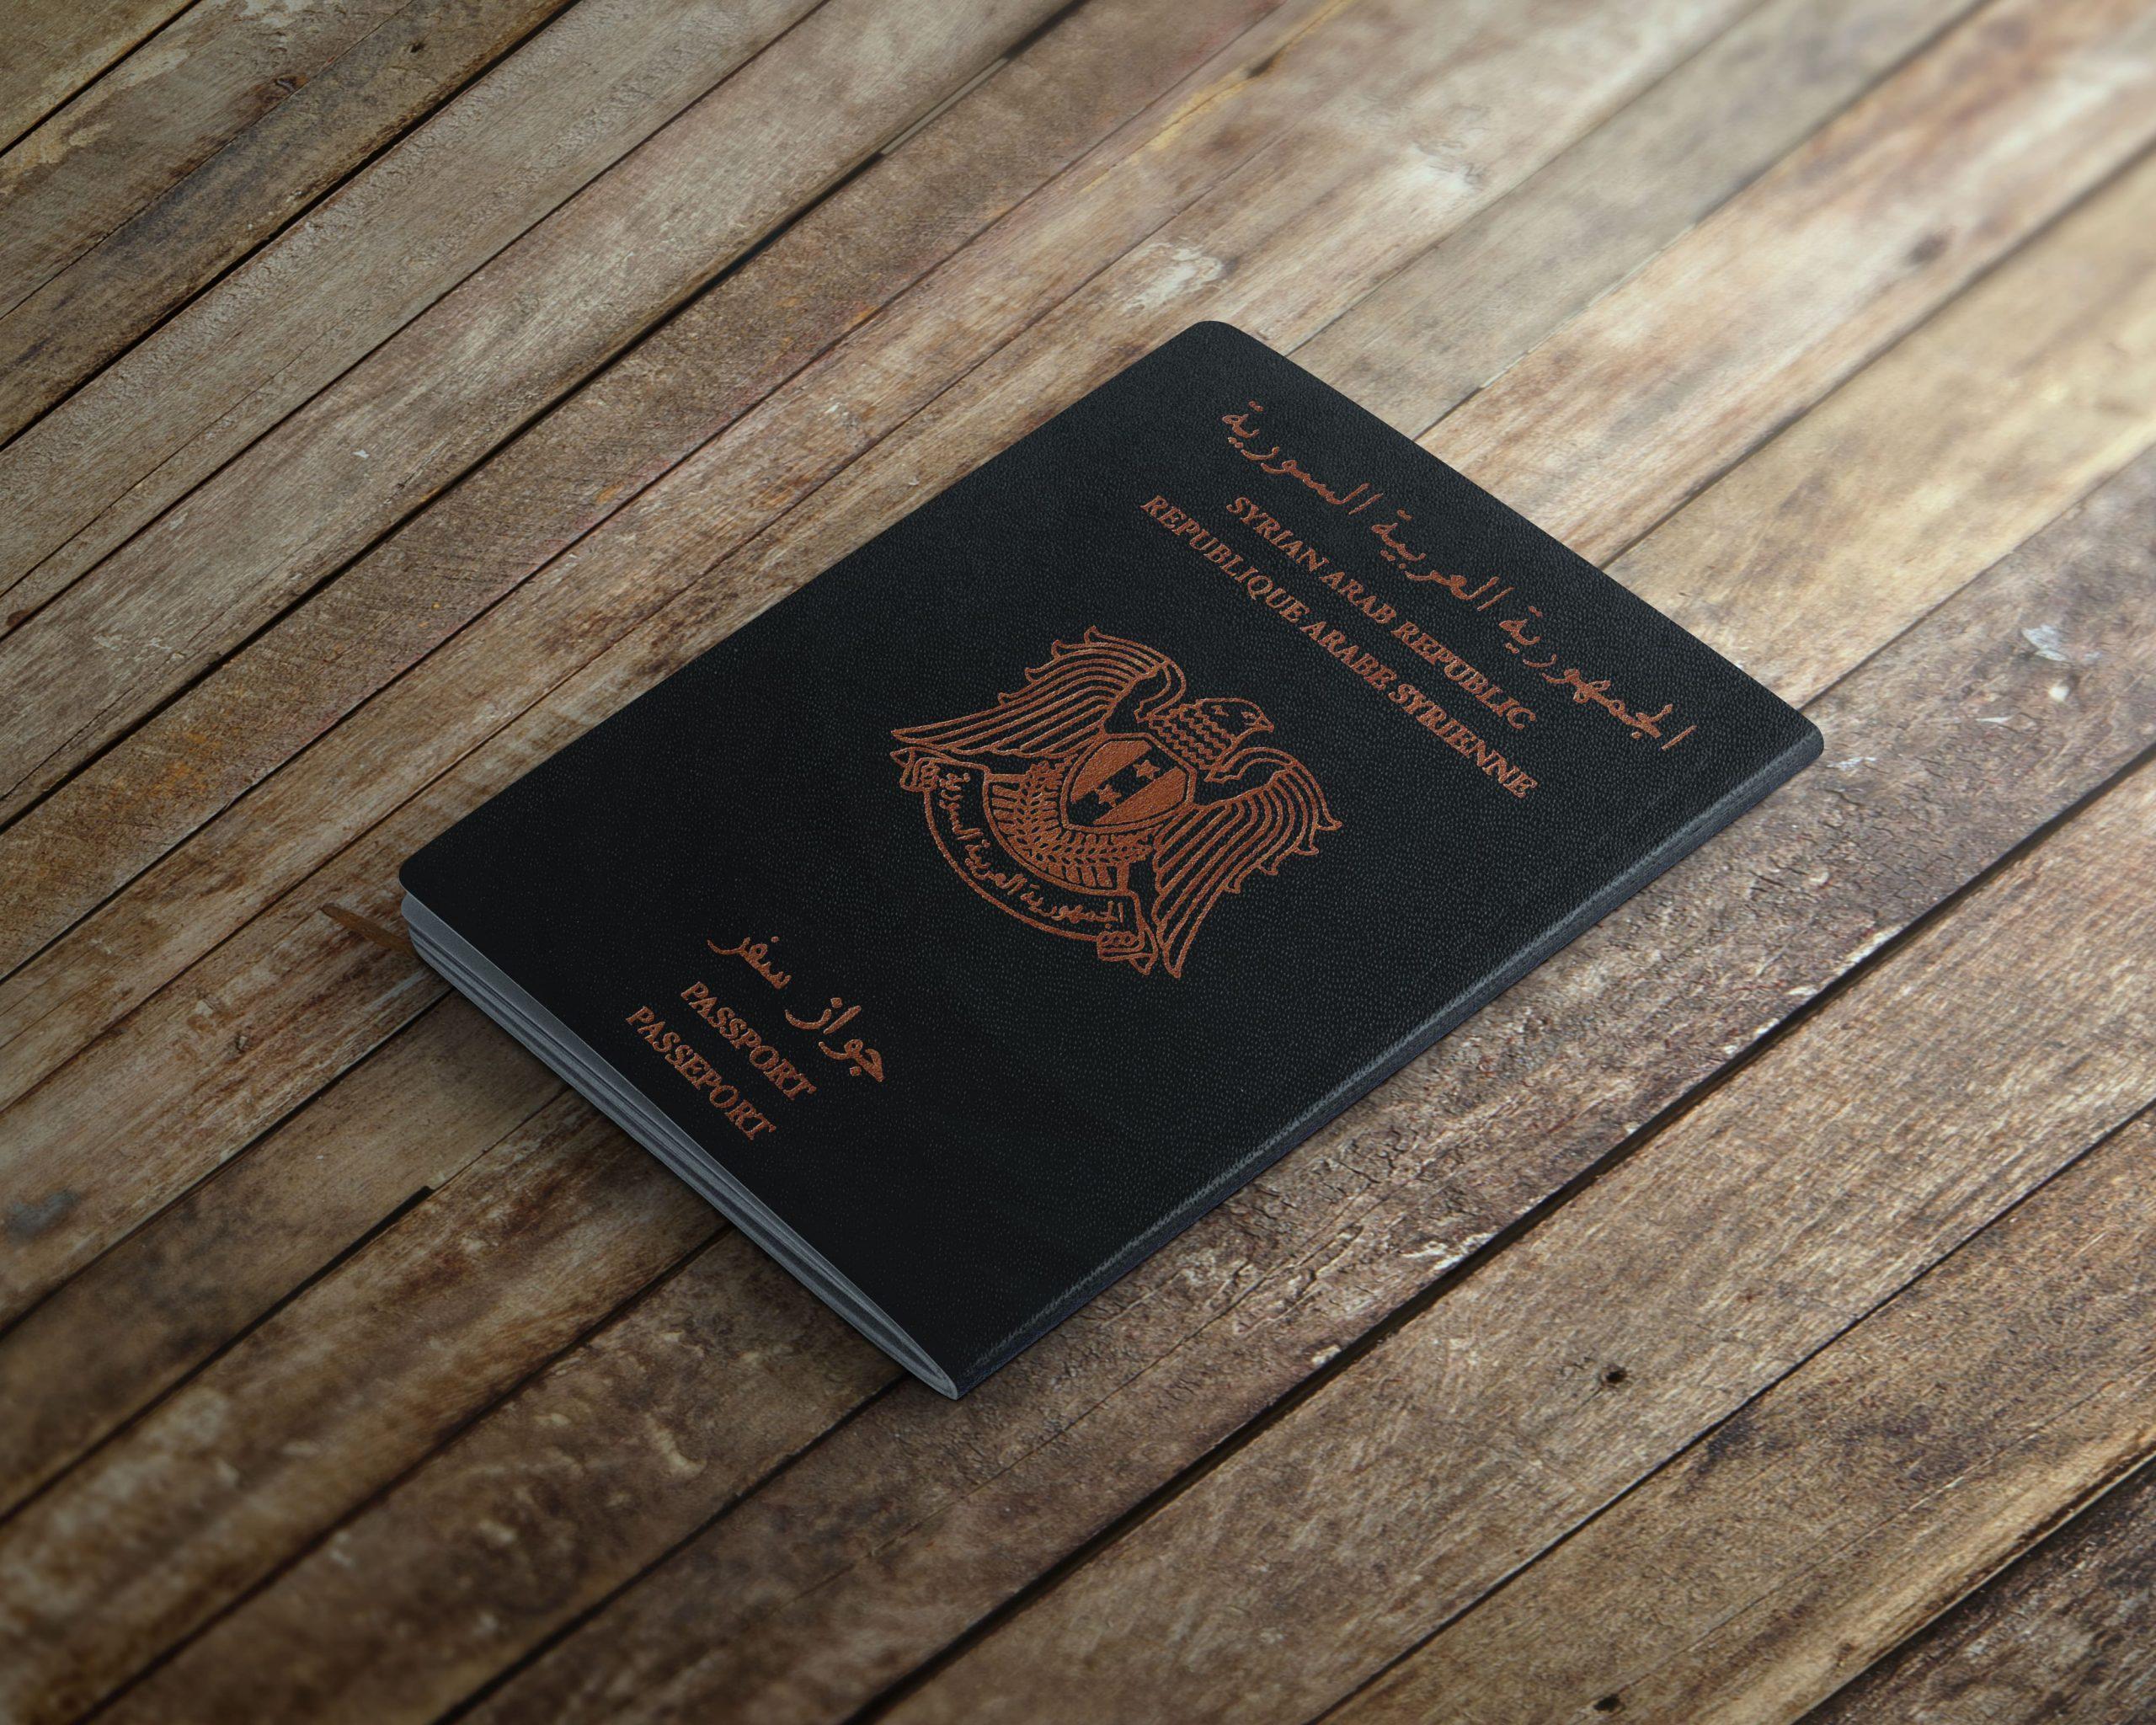 جواز سفر سوريا وقائمة الدول التي يتيح دخولها بدون تأشيرة لعام 2021